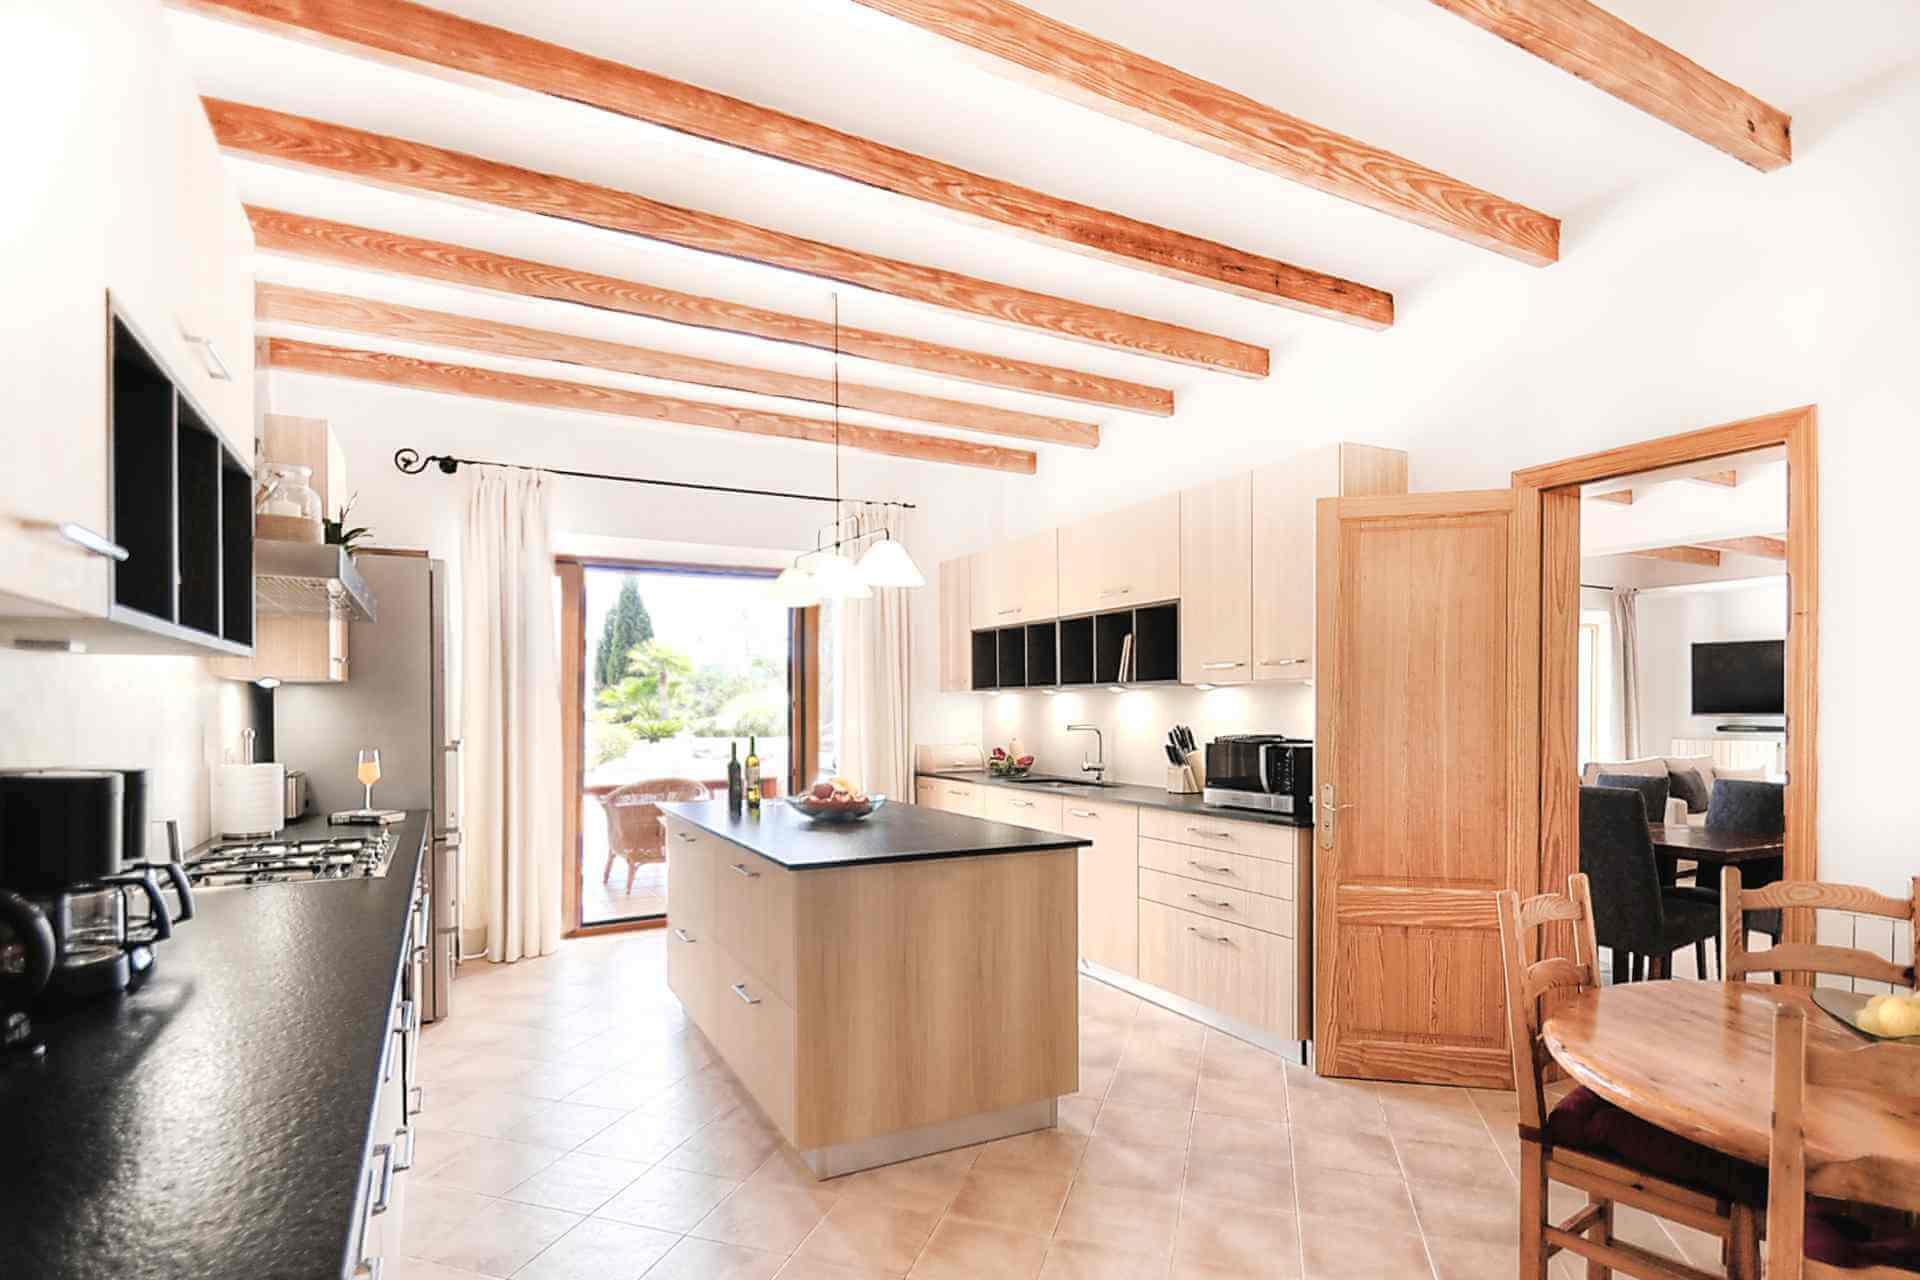 01-319 riesige luxus Finca Mallorca Osten Bild 19